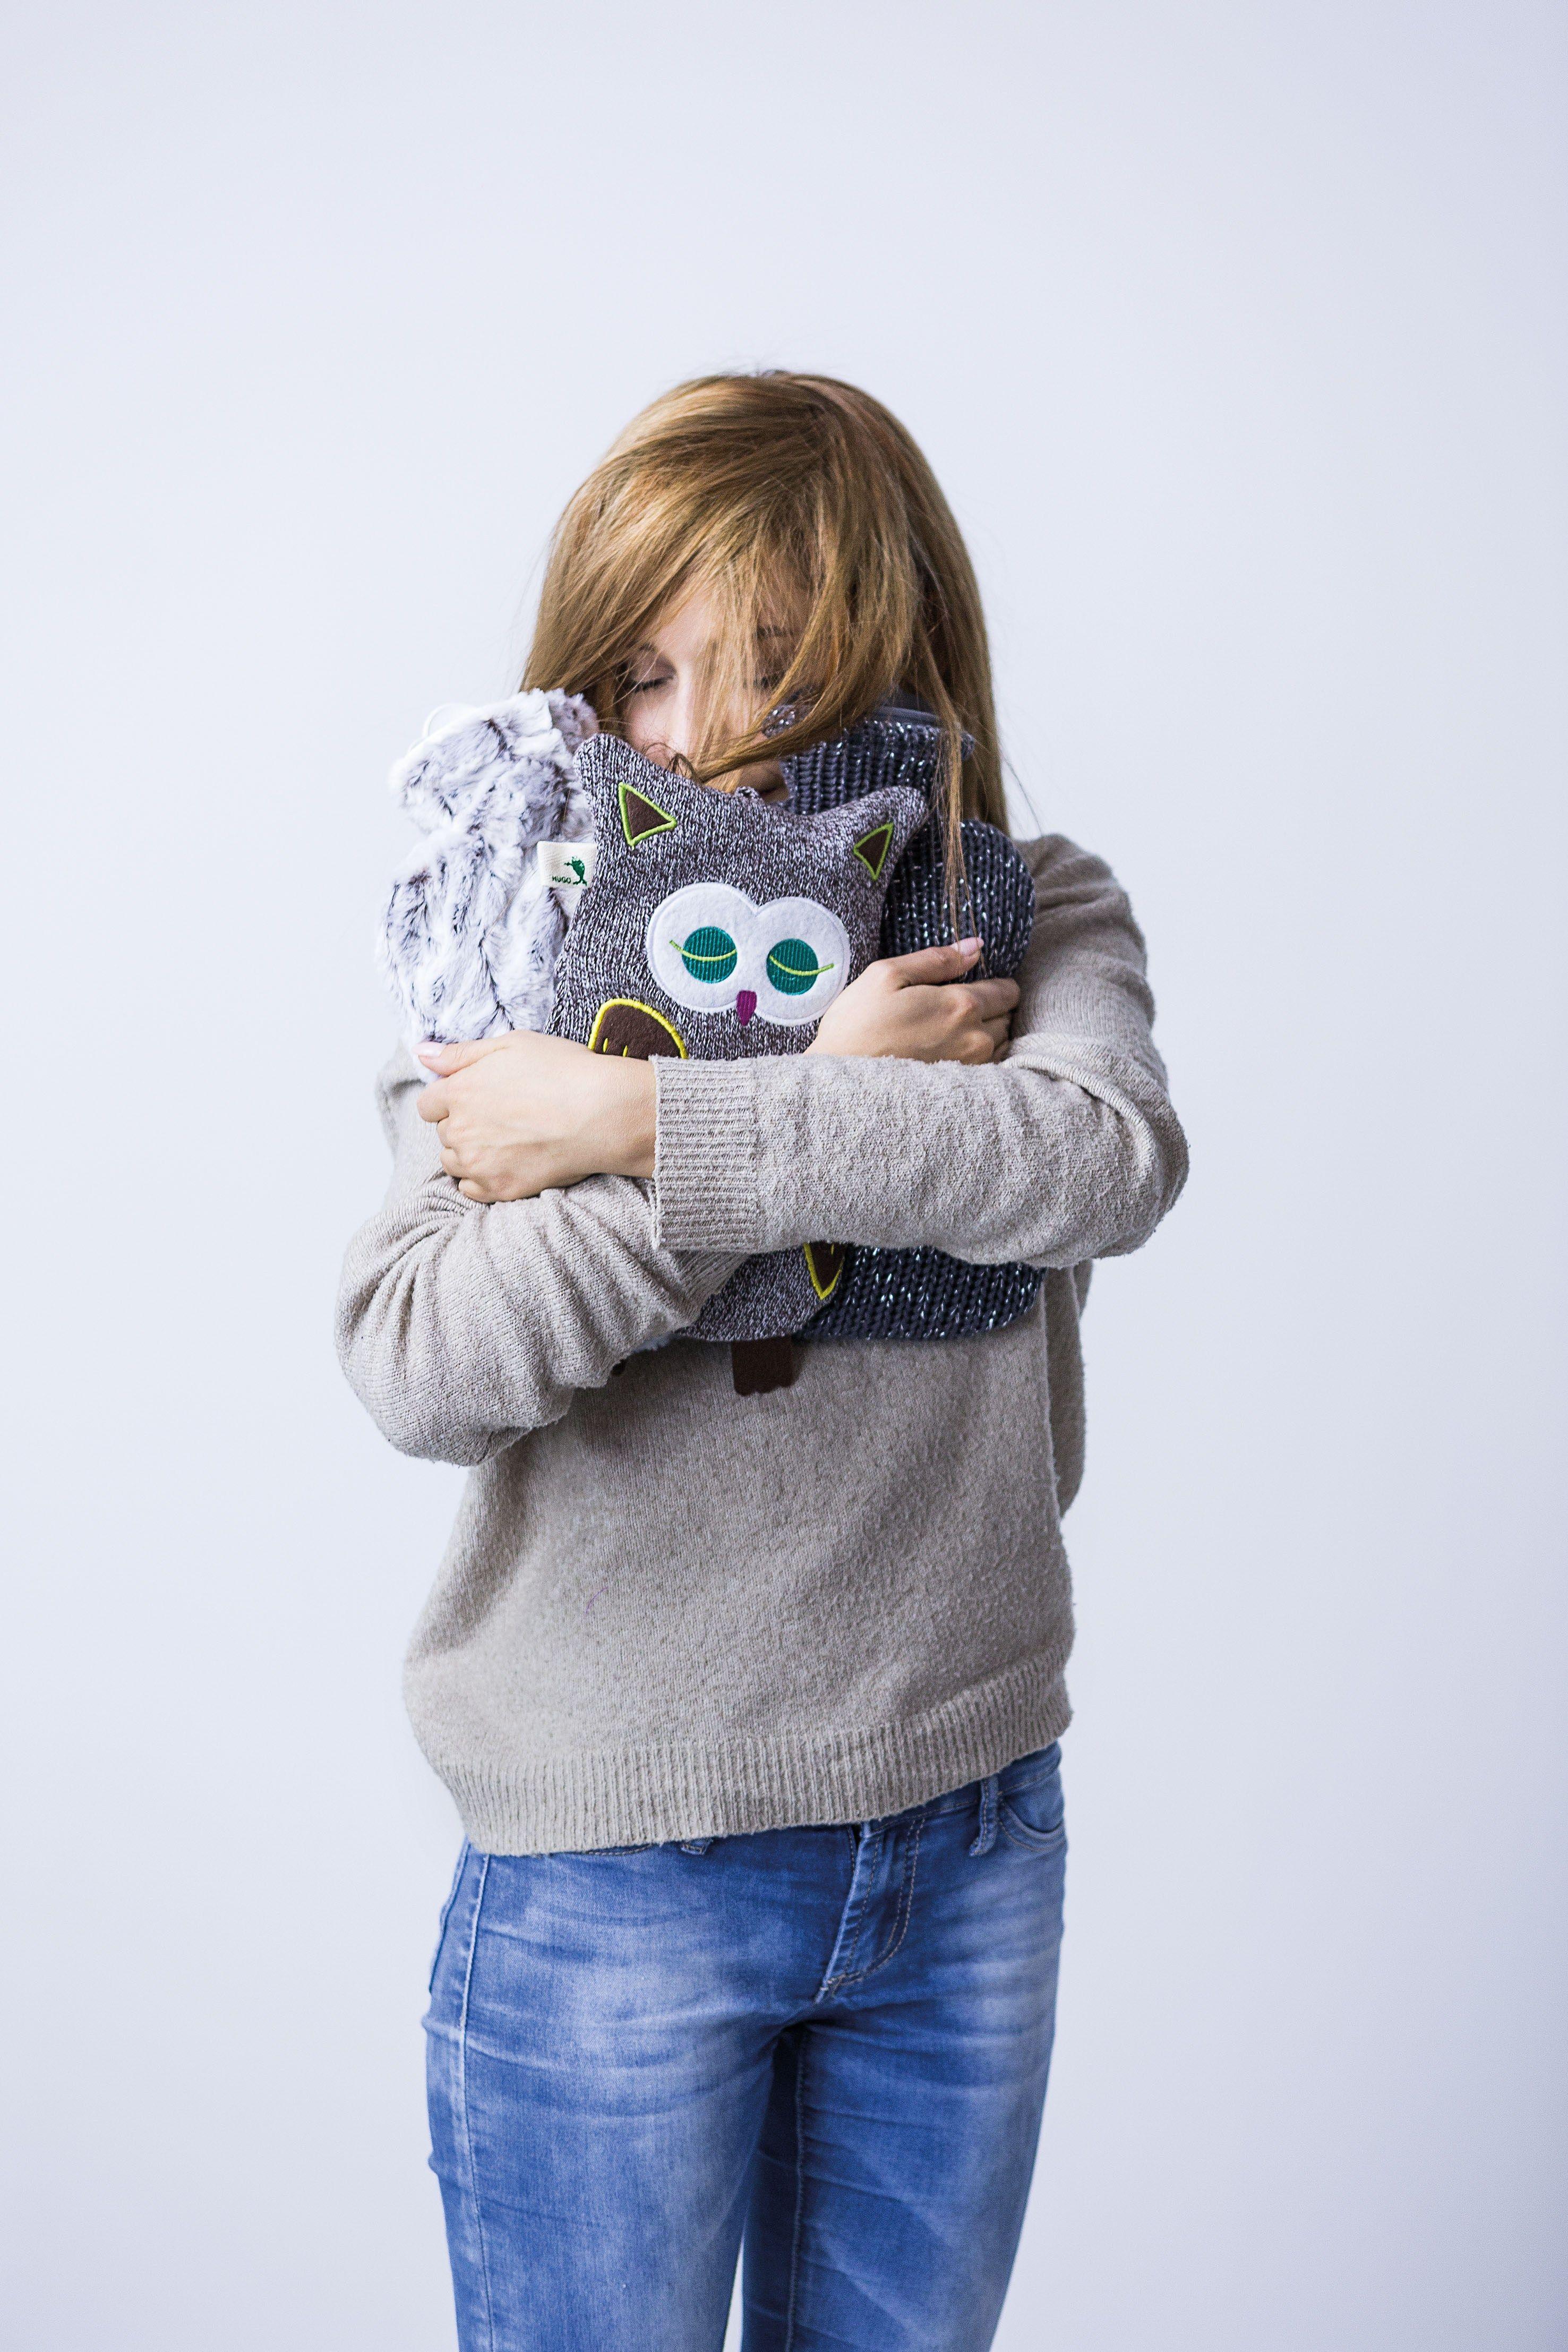 Wohltuend In Trendigen Designs Warmflasche Kinder Wunsche Kuscheln